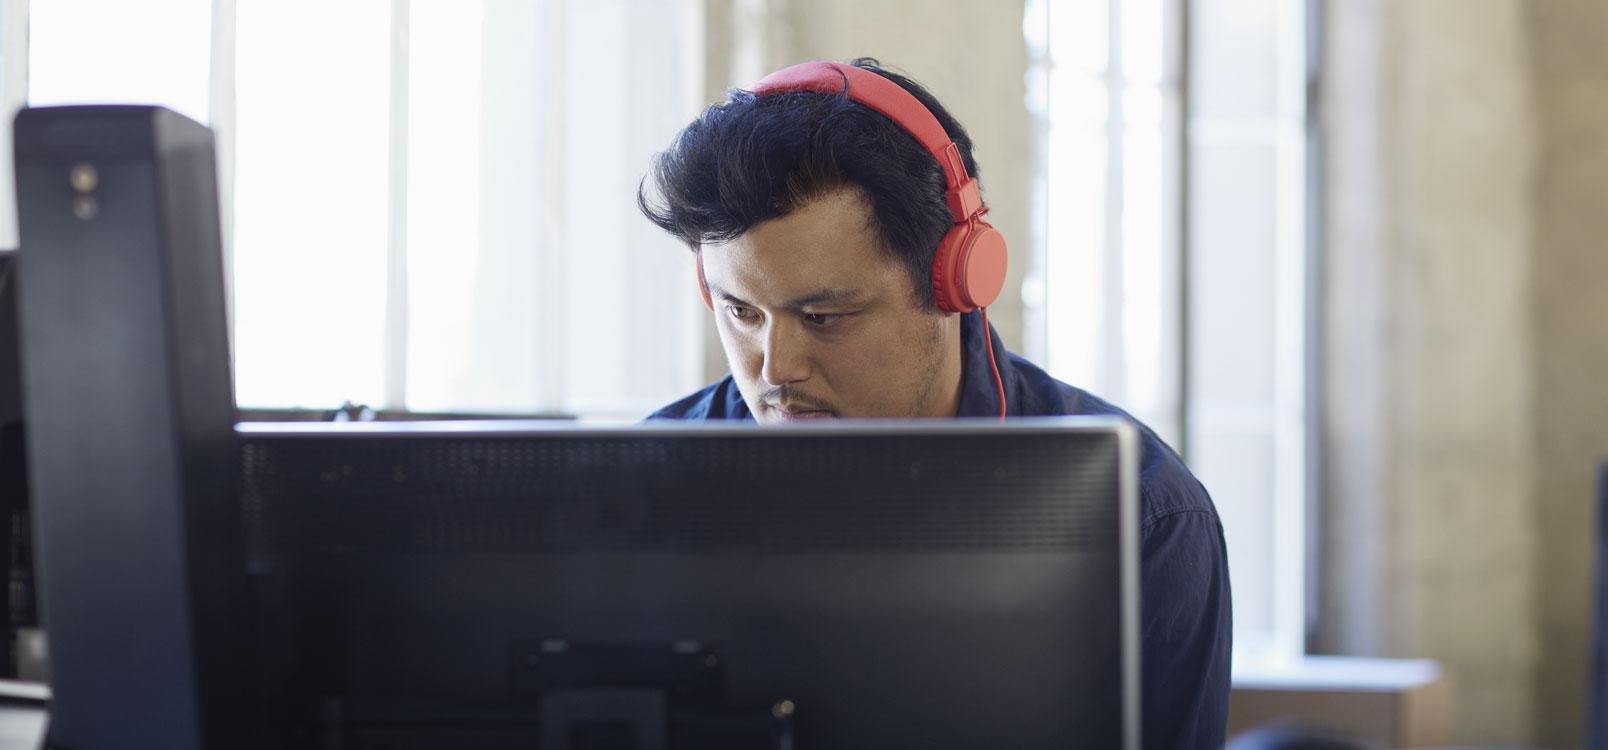 IT को सरलीकृत करने के लिए Office 365 का उपयोग करके डेस्कटॉप PC पर कार्य करता हुआ हेडफ़ोन पहने हुए एक व्यक्ति.